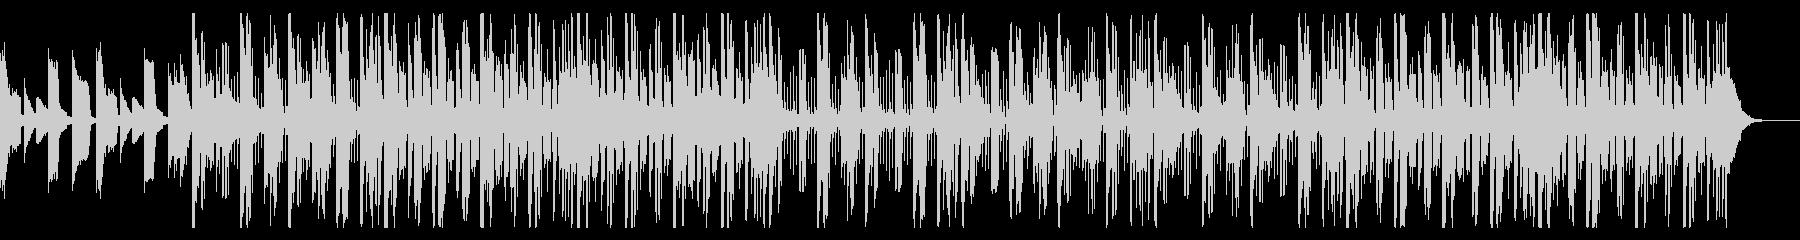 薄暗いトリップホップの未再生の波形